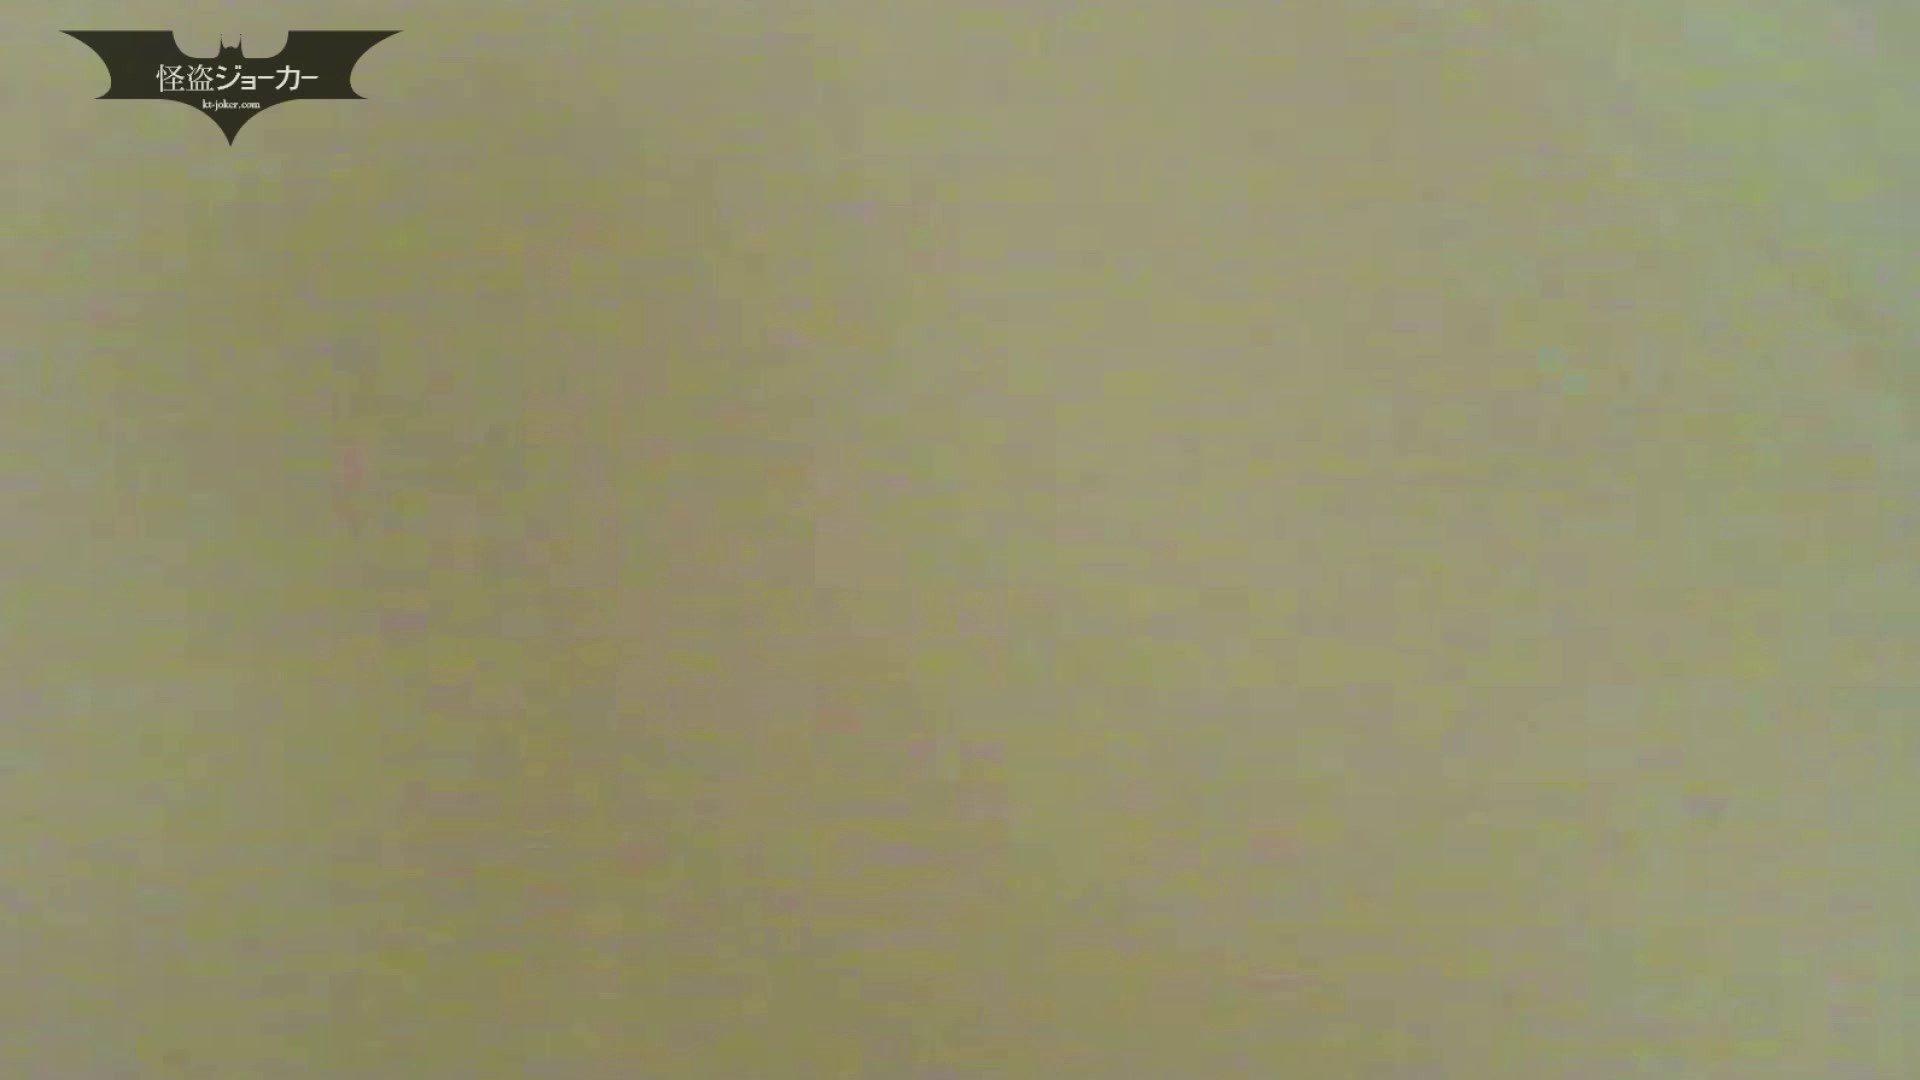 夏の思い出浜辺トイレ盗撮Vol.06 盗撮エロすぎ | 潜入エロ調査  23連発 6